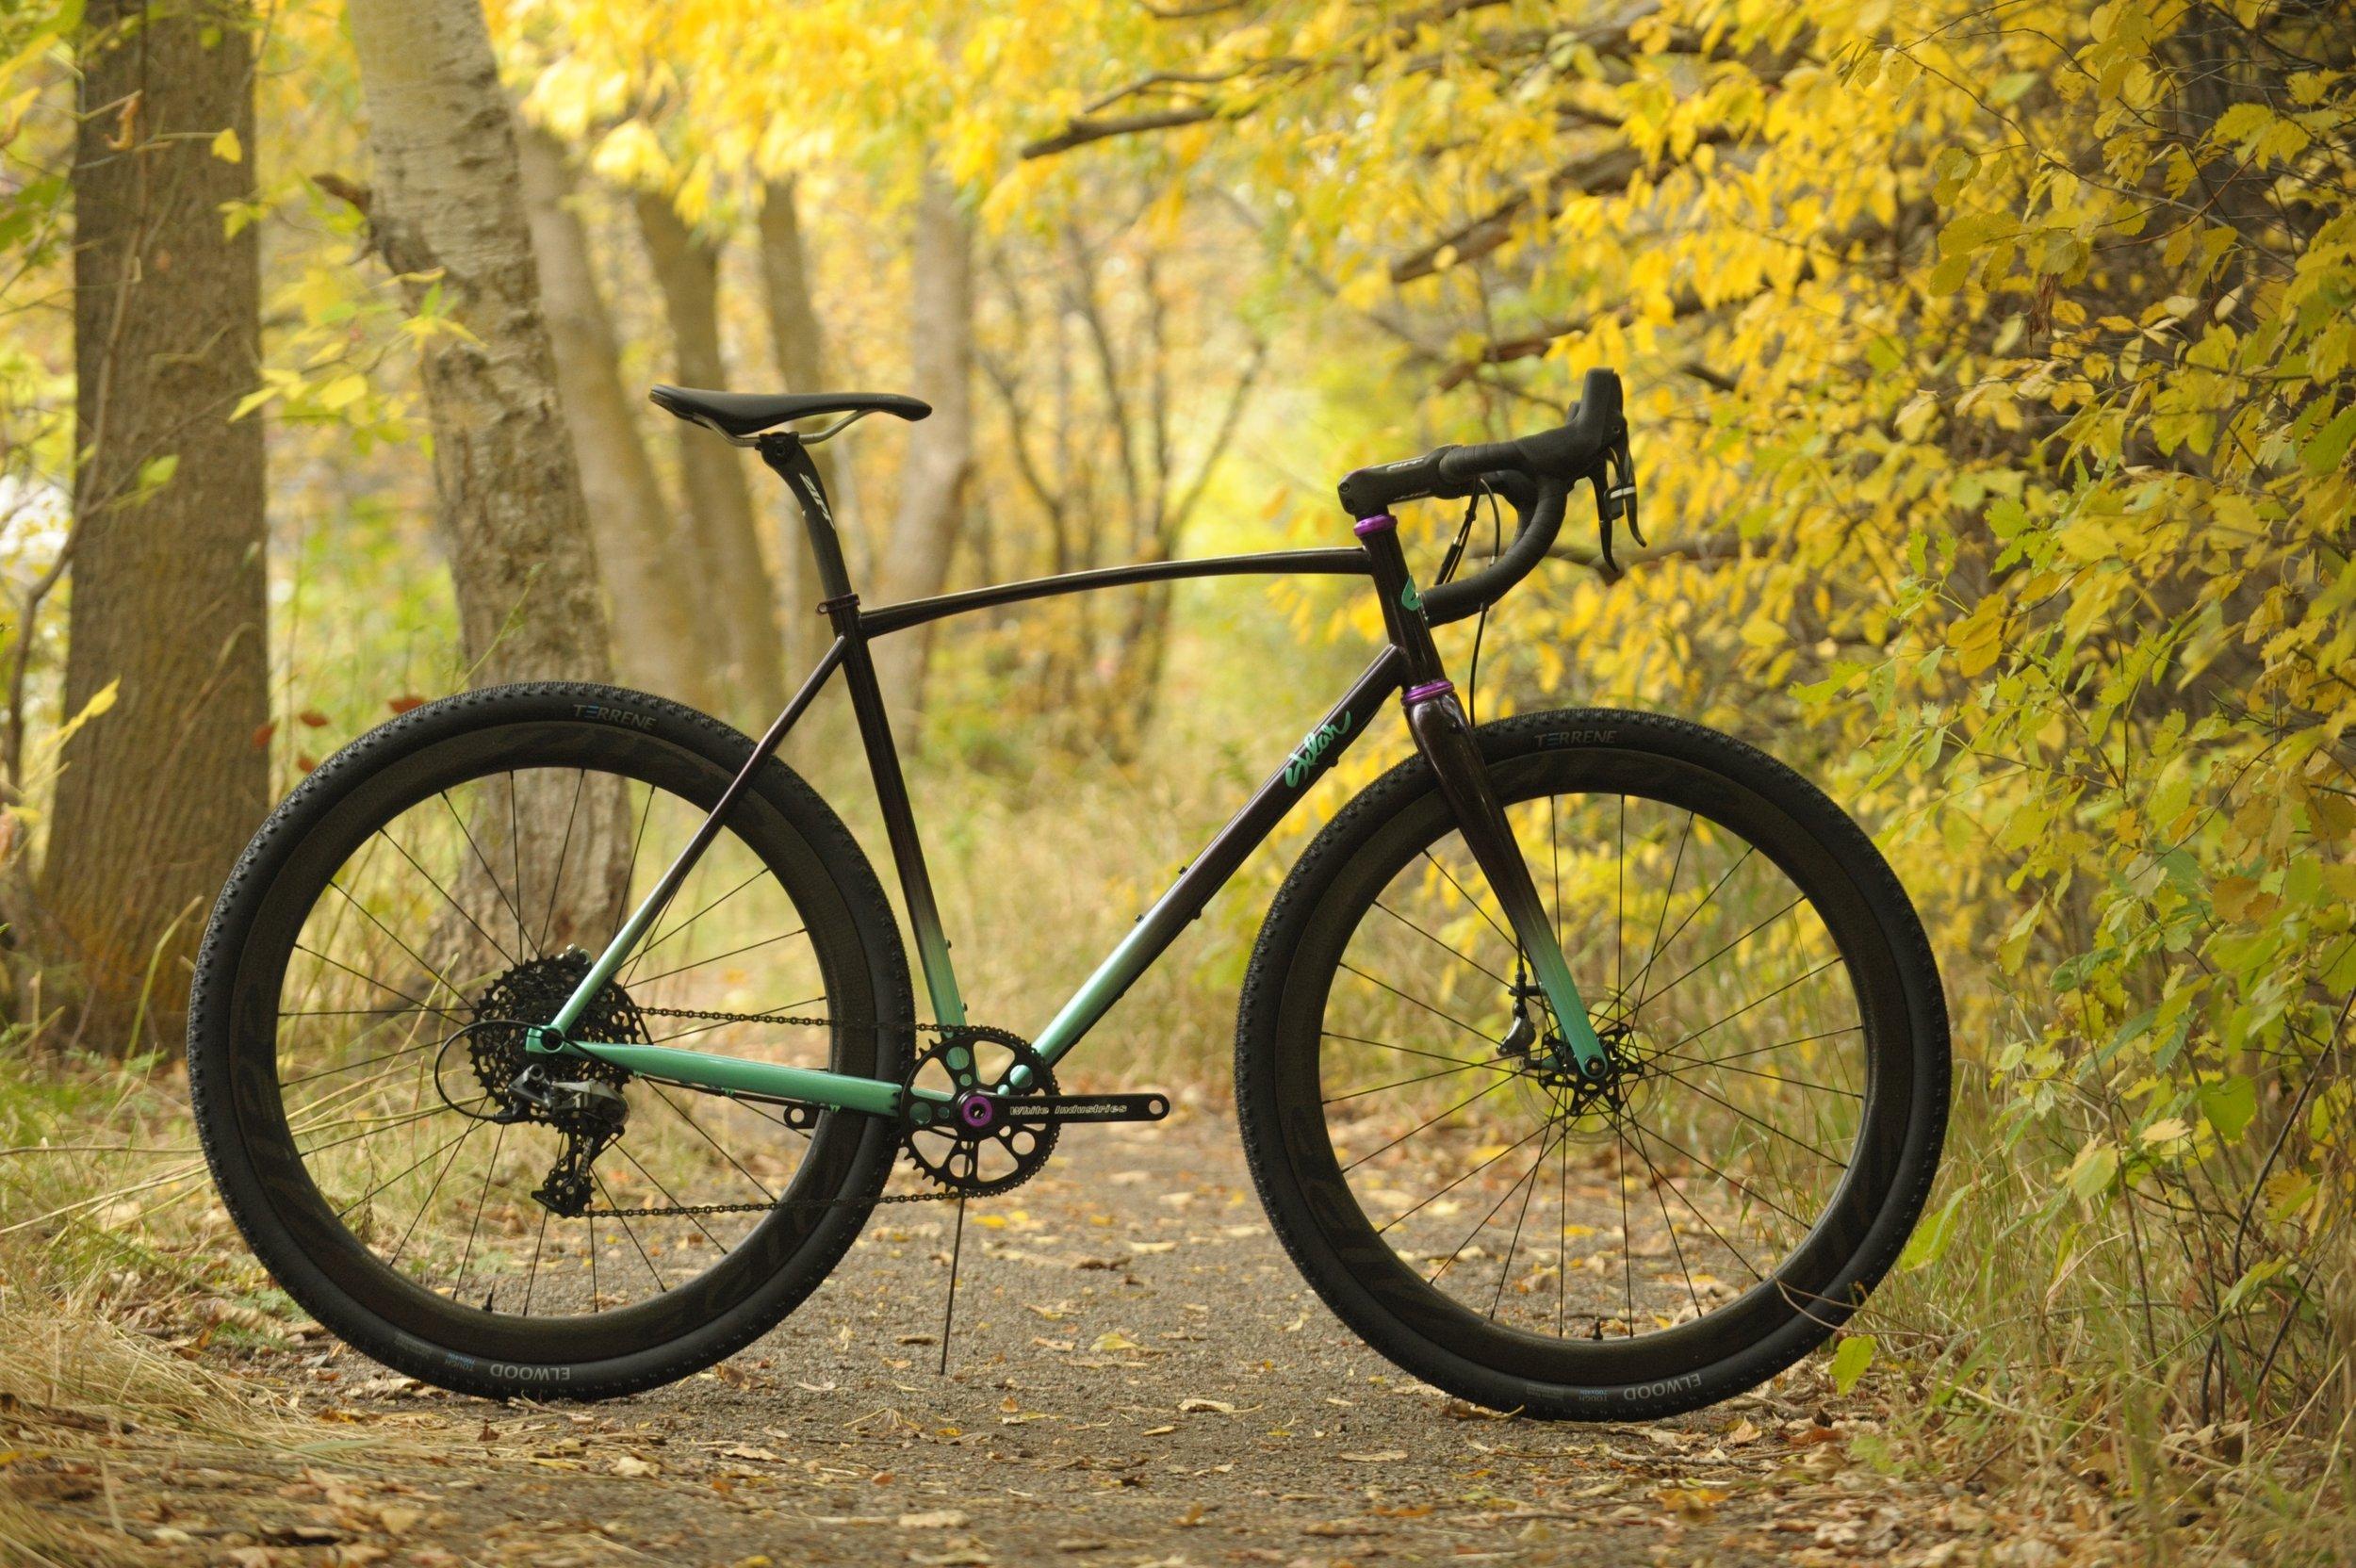 handbuilt steel cyclocross bike